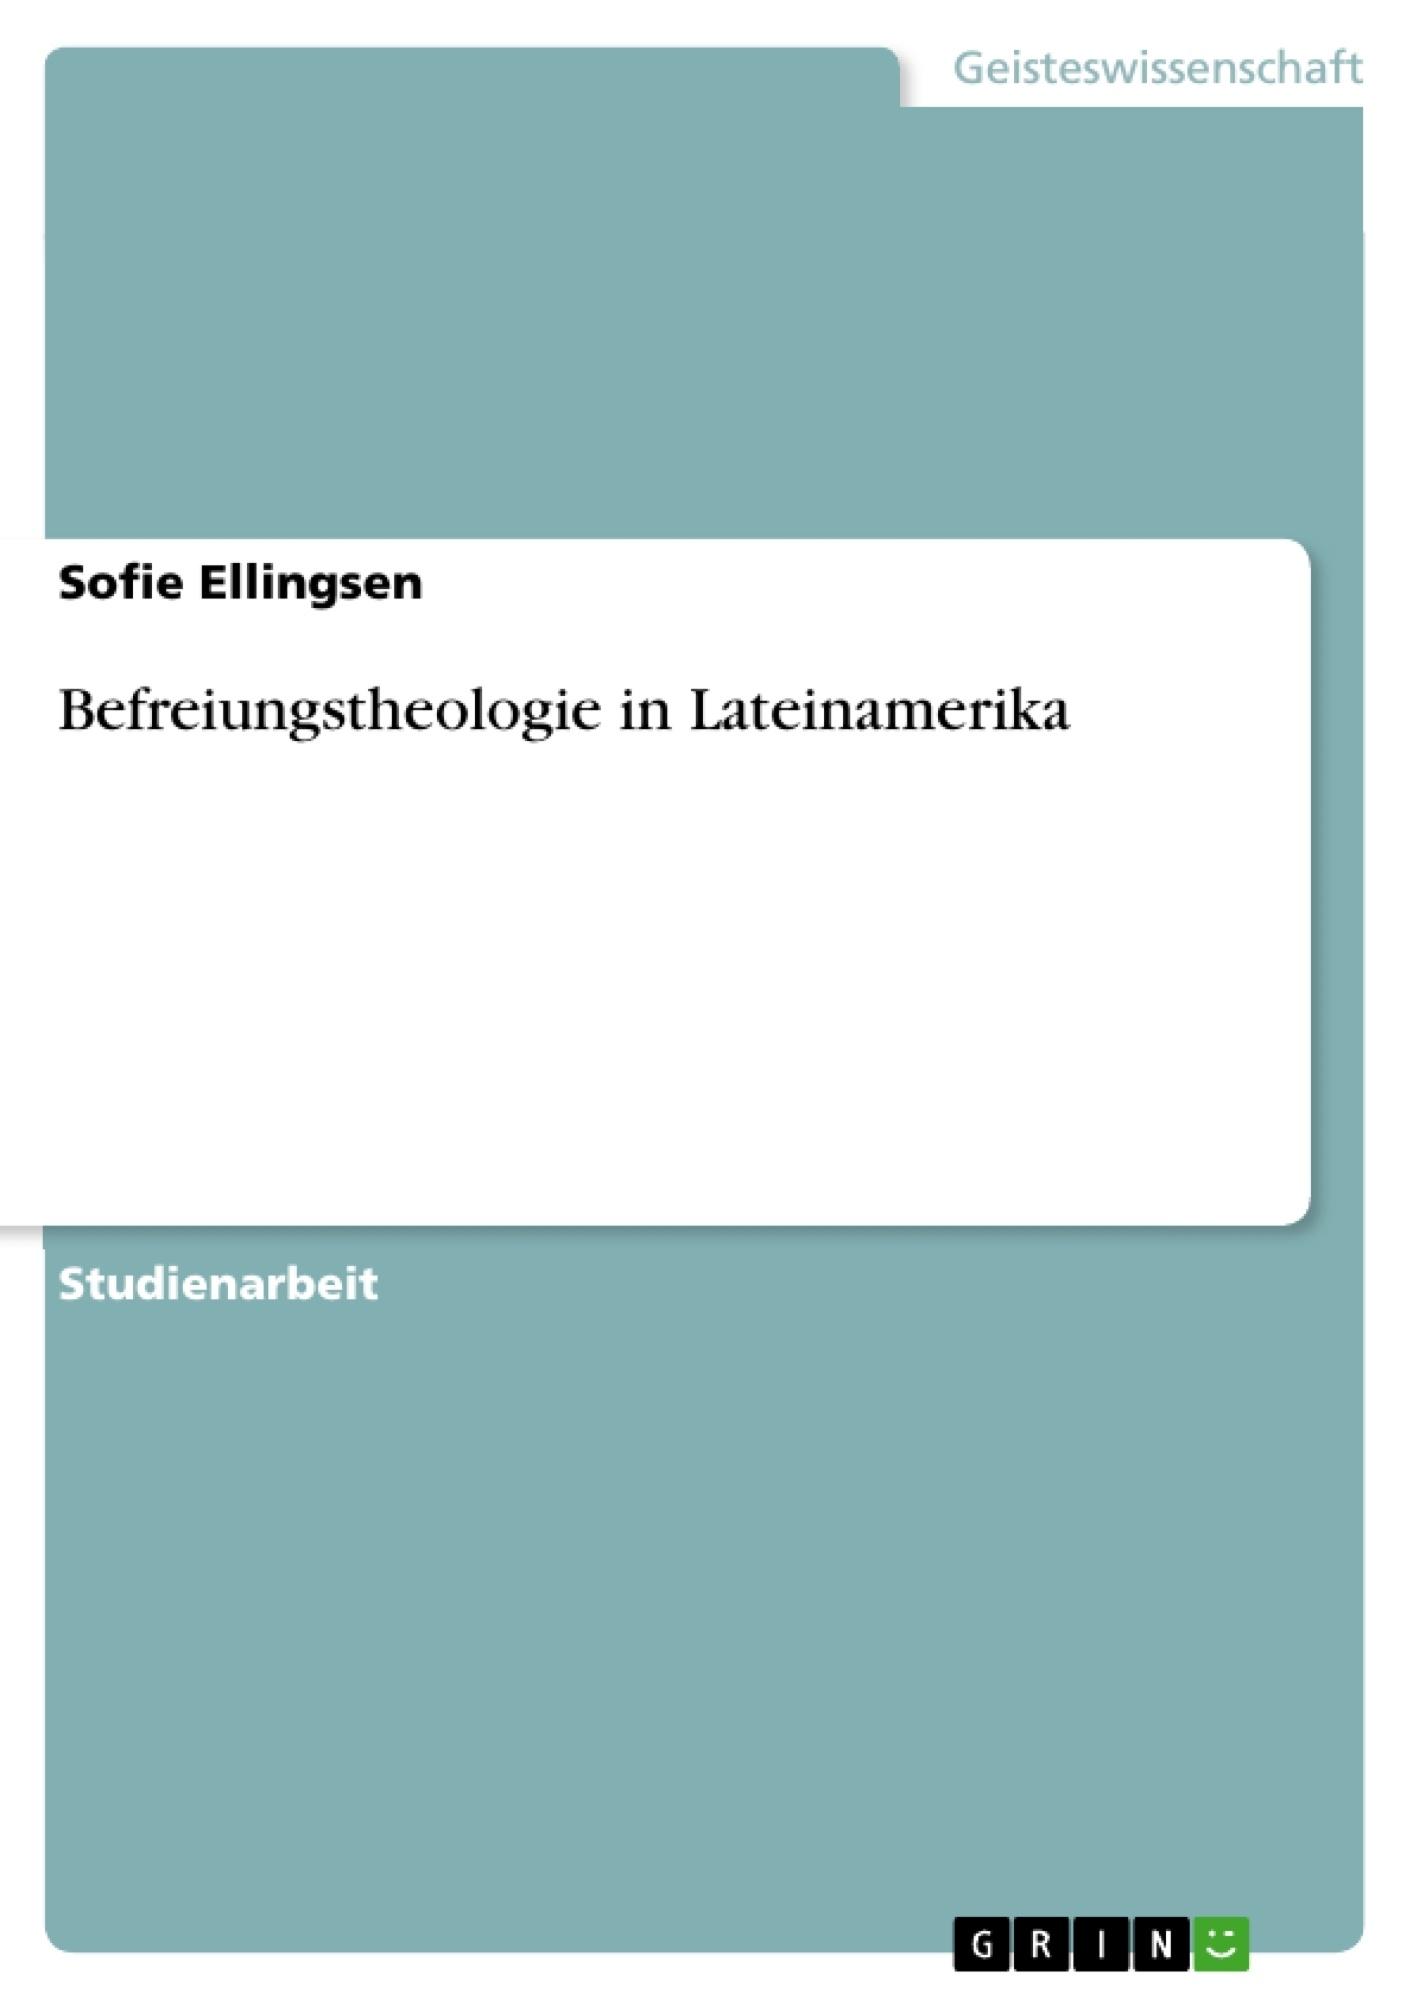 Titel: Befreiungstheologie in Lateinamerika